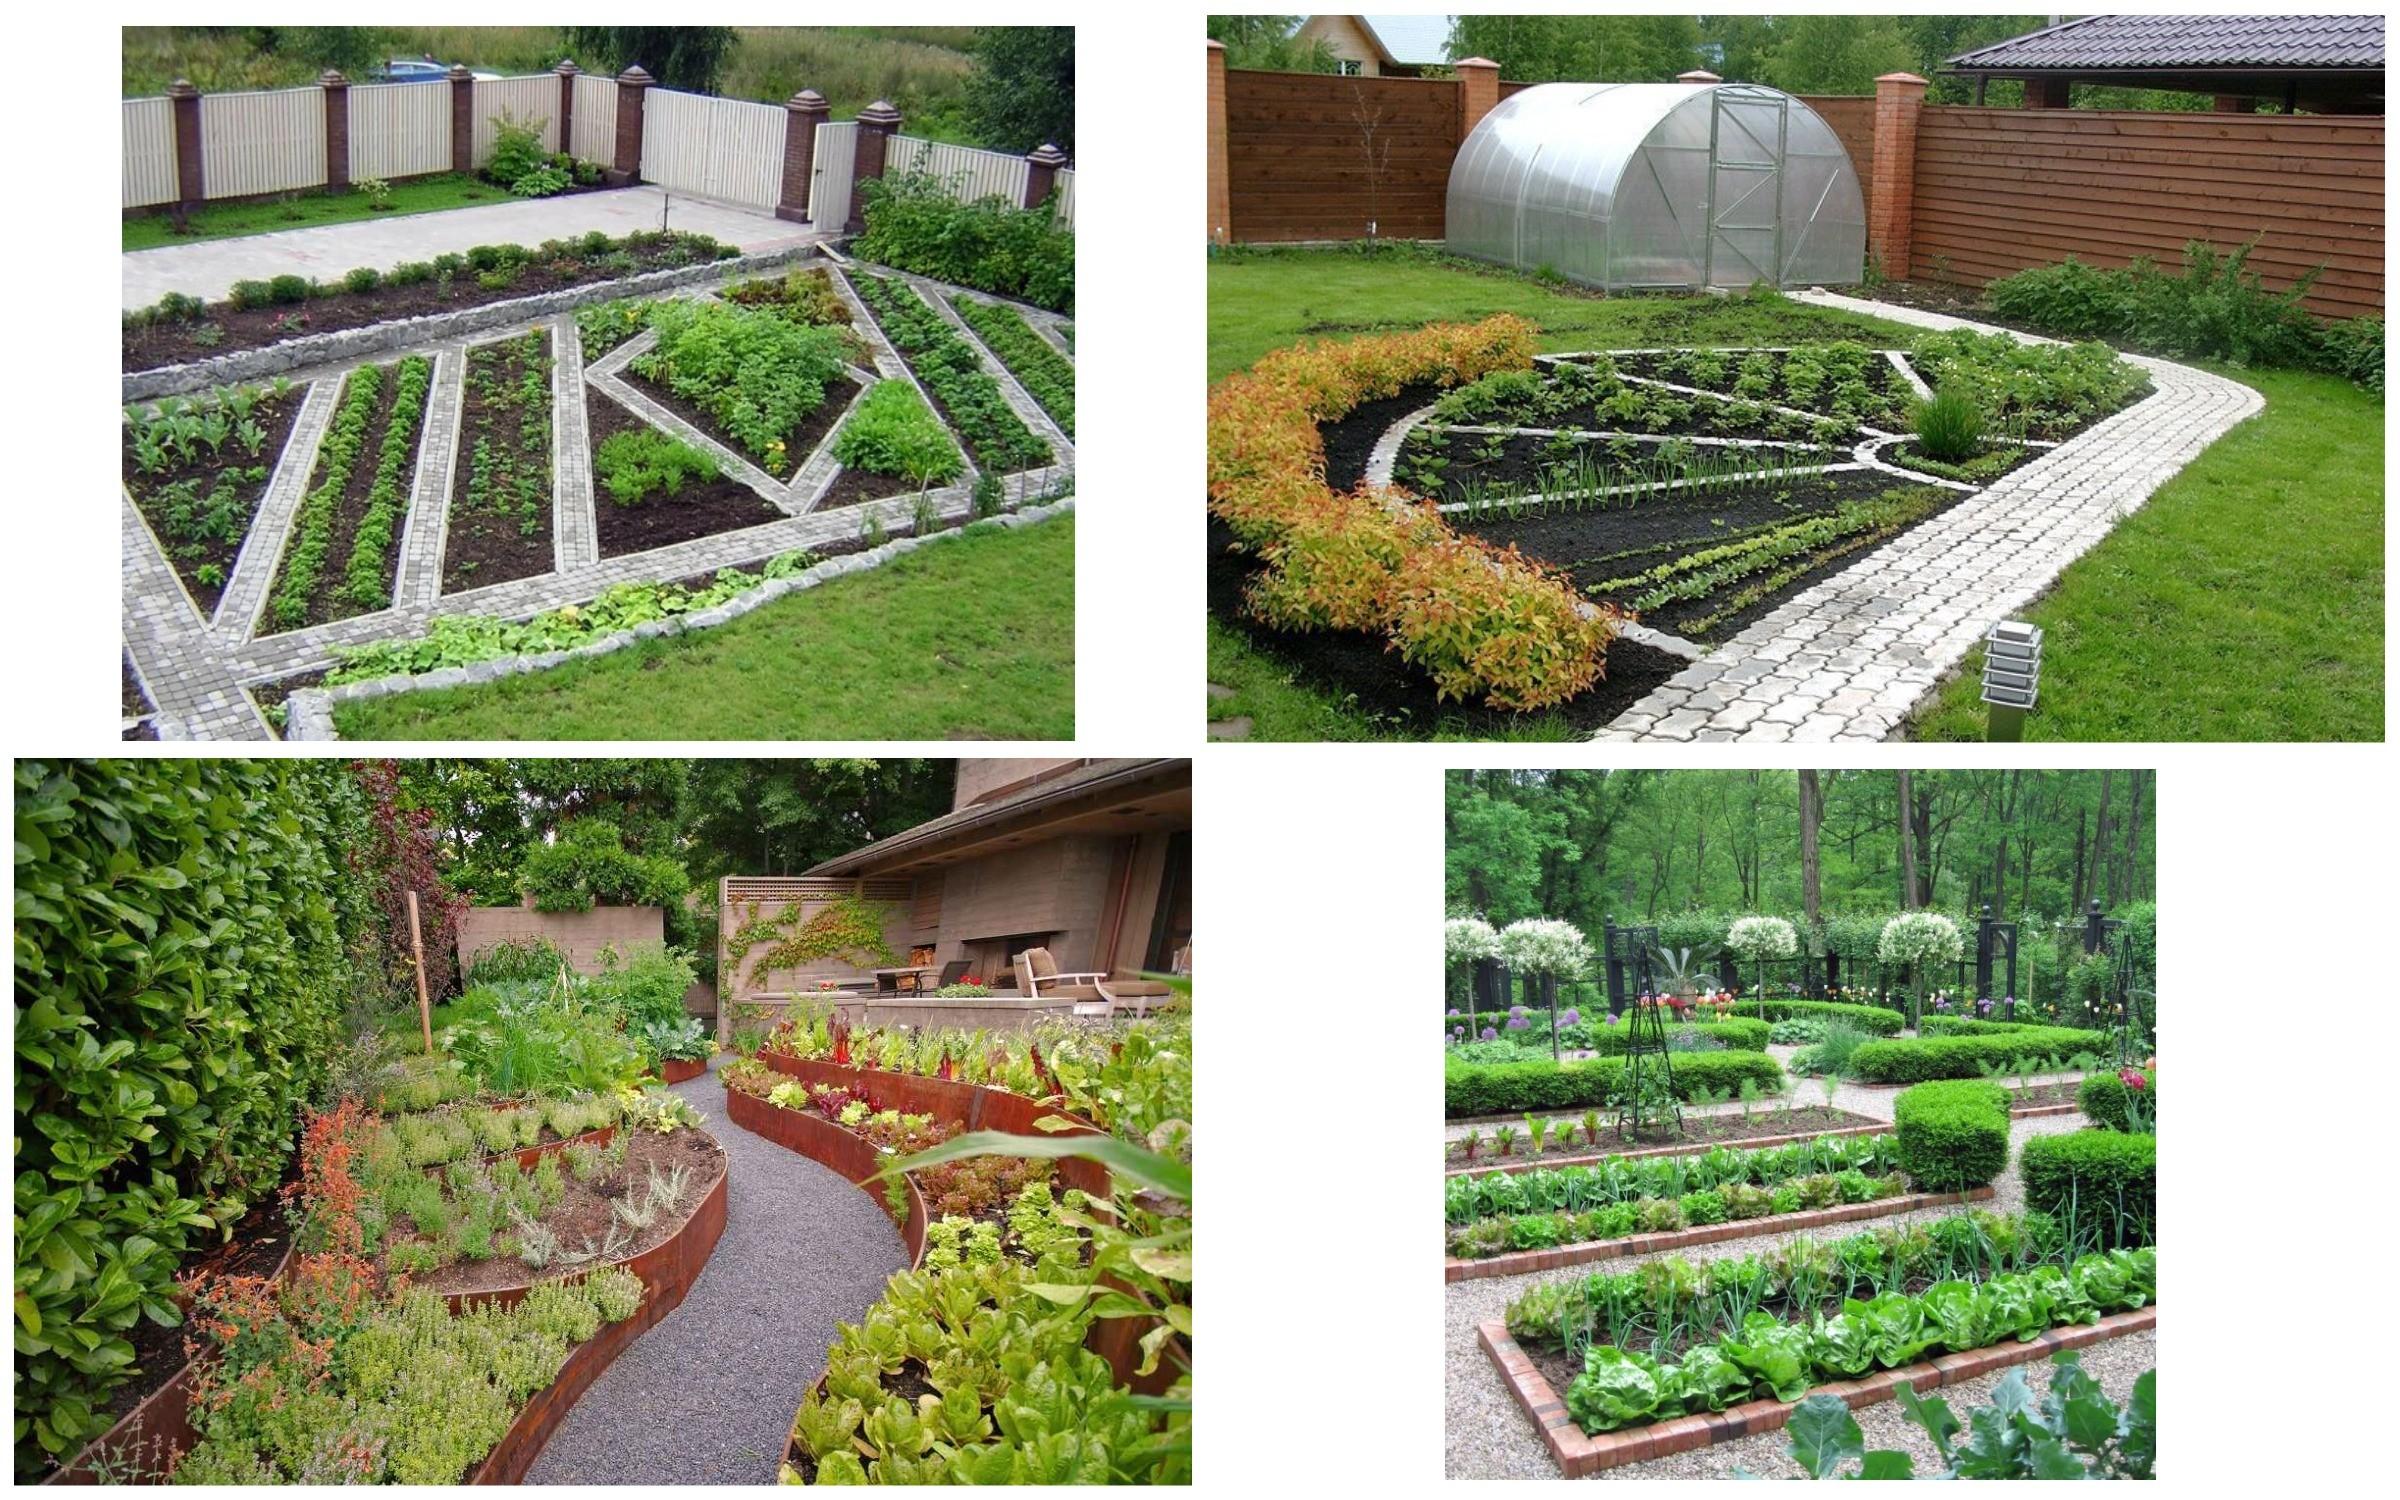 изображение садово-огородной зоны